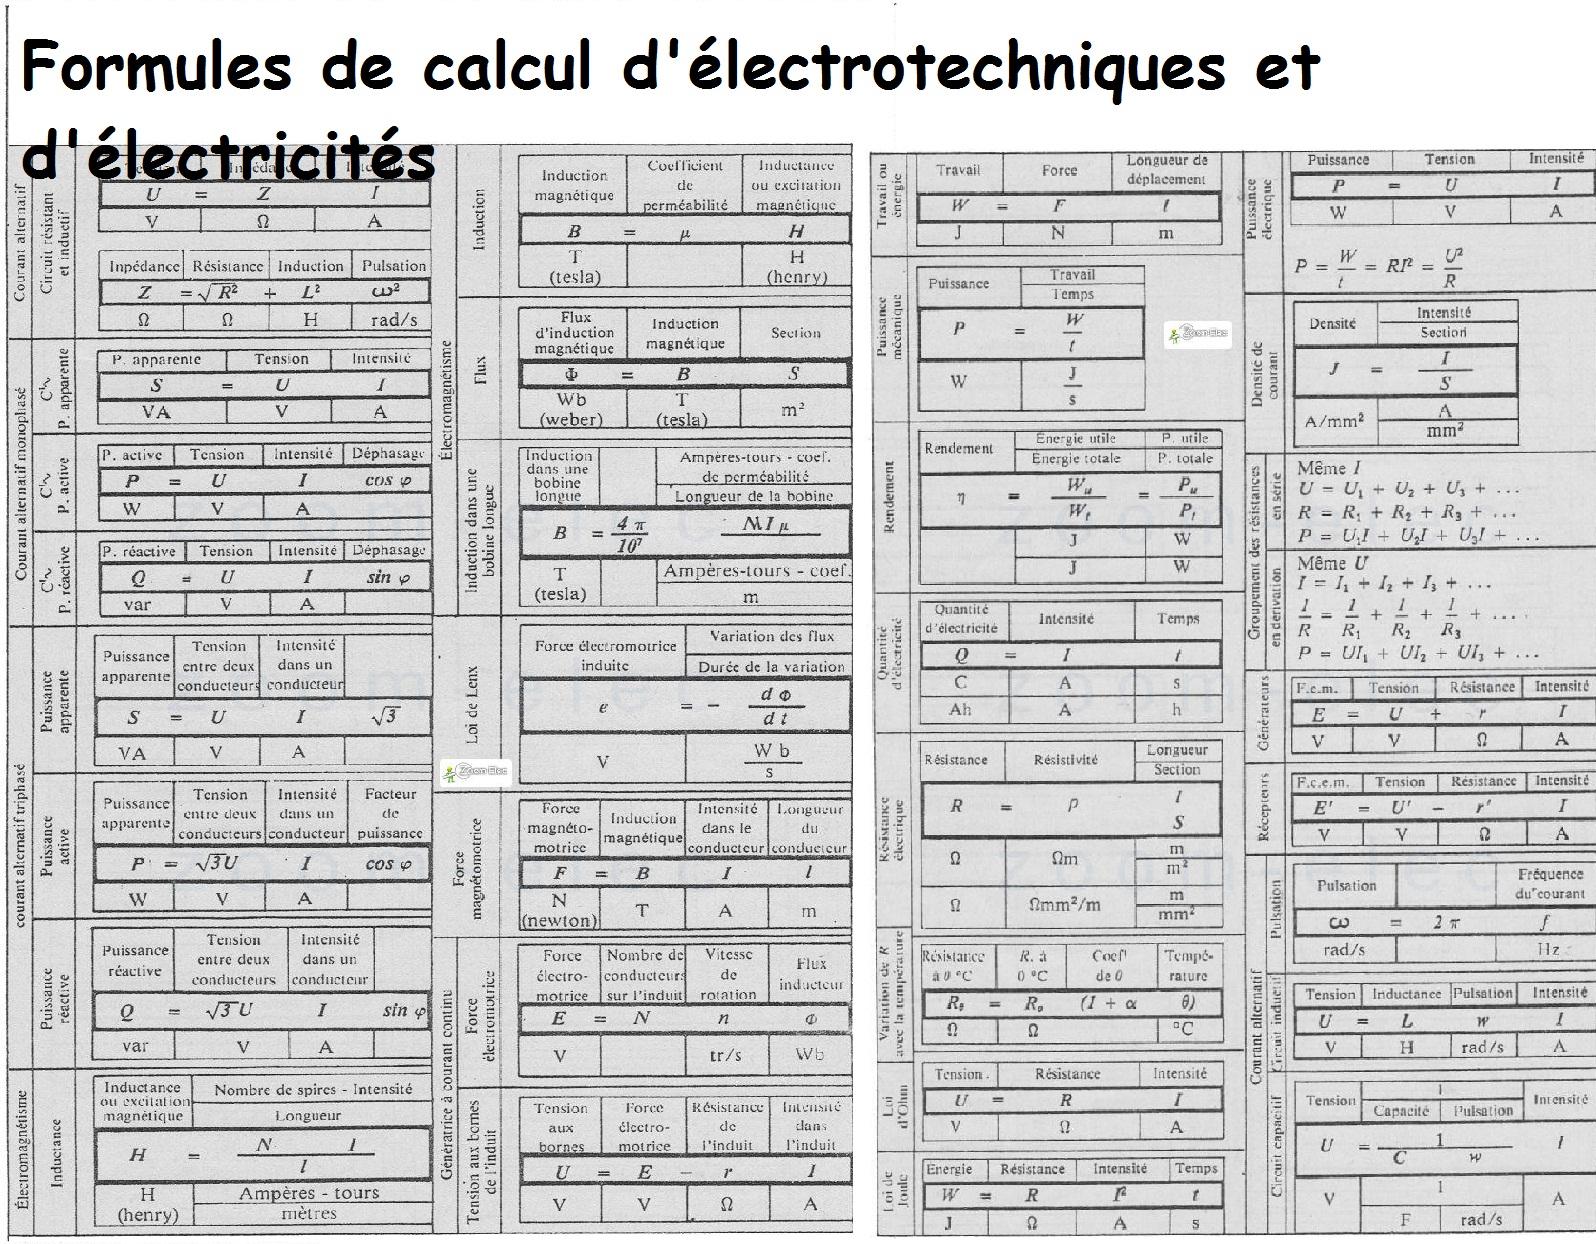 formules de calcul d 39 lectrotechniques et d 39 lectricit s g nie lectronique. Black Bedroom Furniture Sets. Home Design Ideas